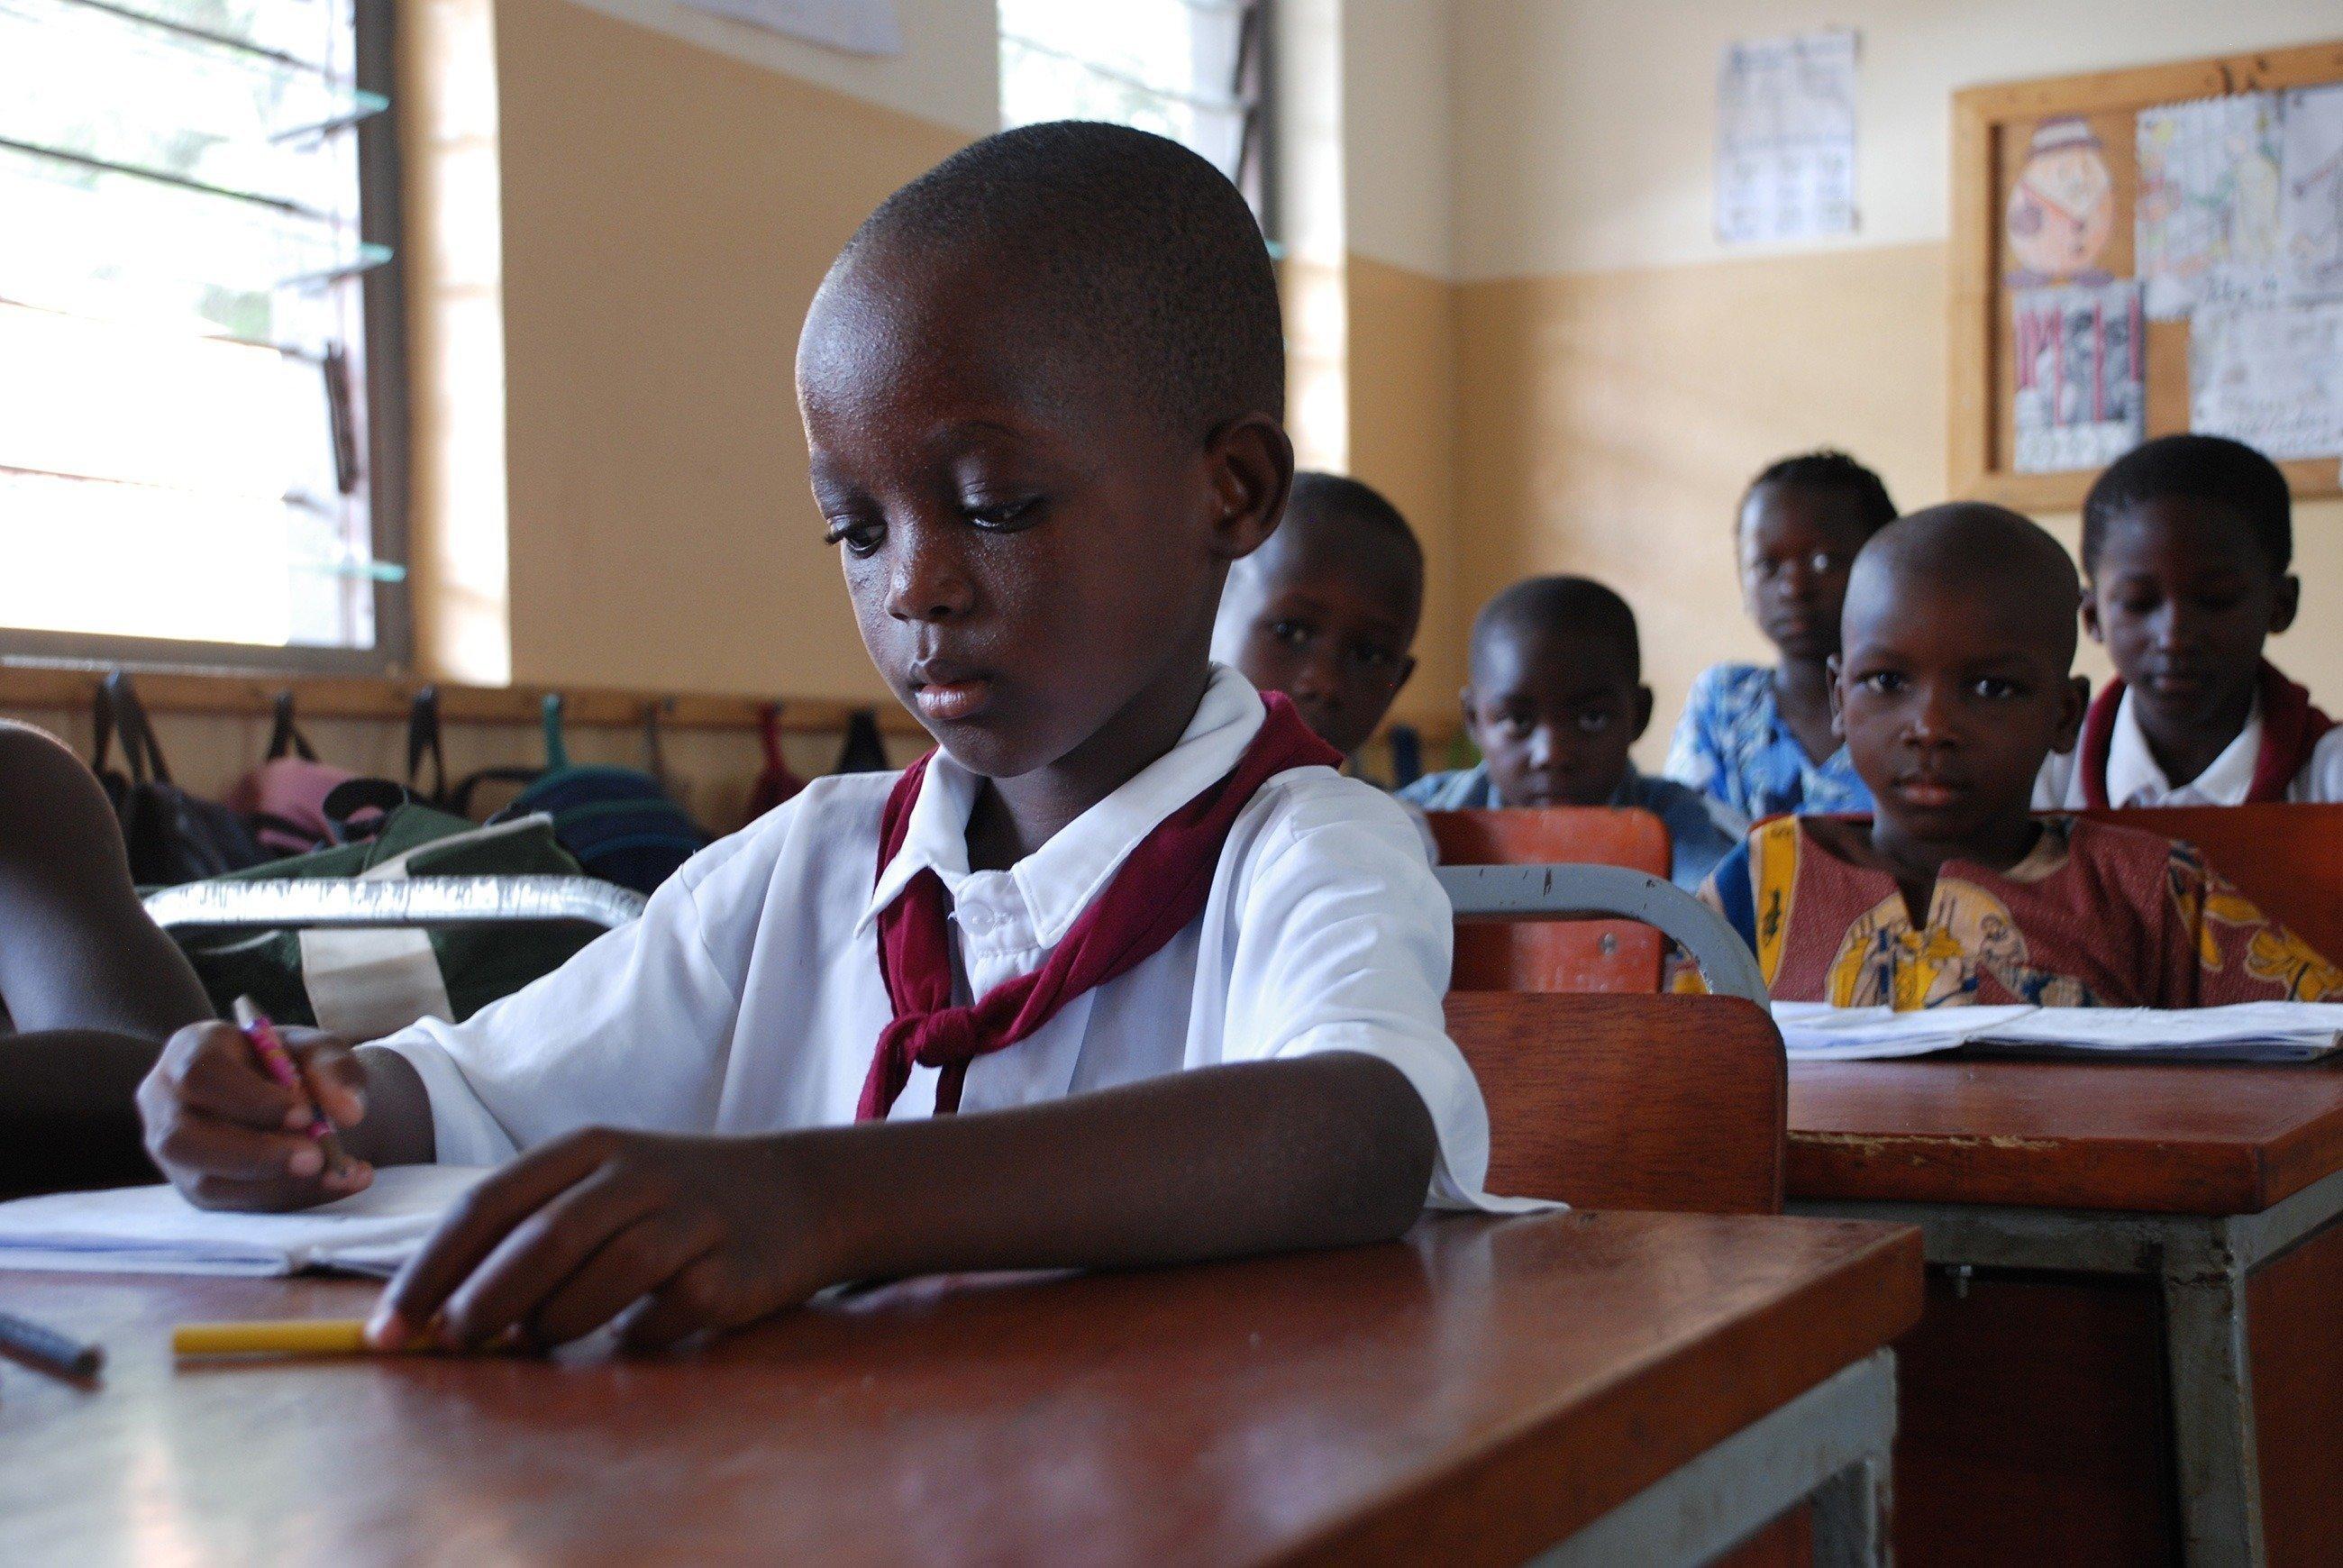 Afrikanische Schüler schreiben in einer Klassenzimmer.